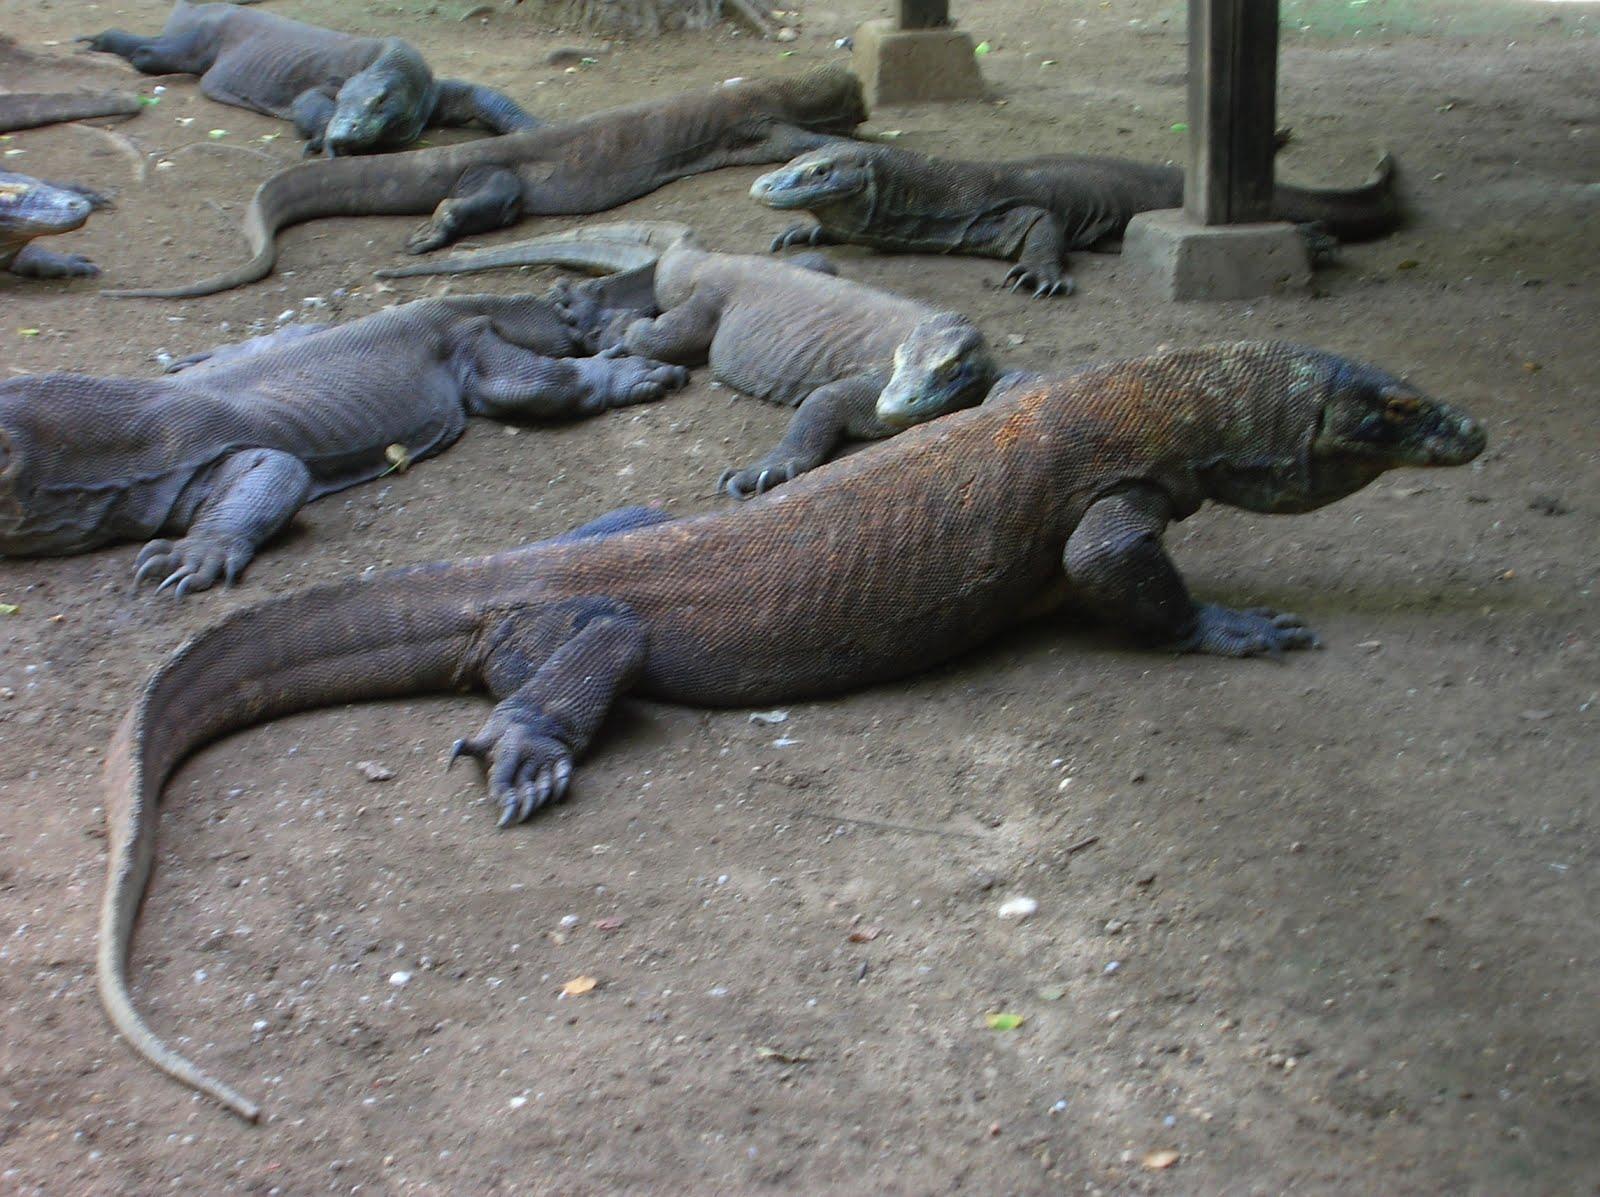 Dragones komodo, Parque Nacional de Komodo,Isla de Ricla, Isla de Flores, vuelta al mundo, round the world, La vuelta al mundo de Asun y Ricardo